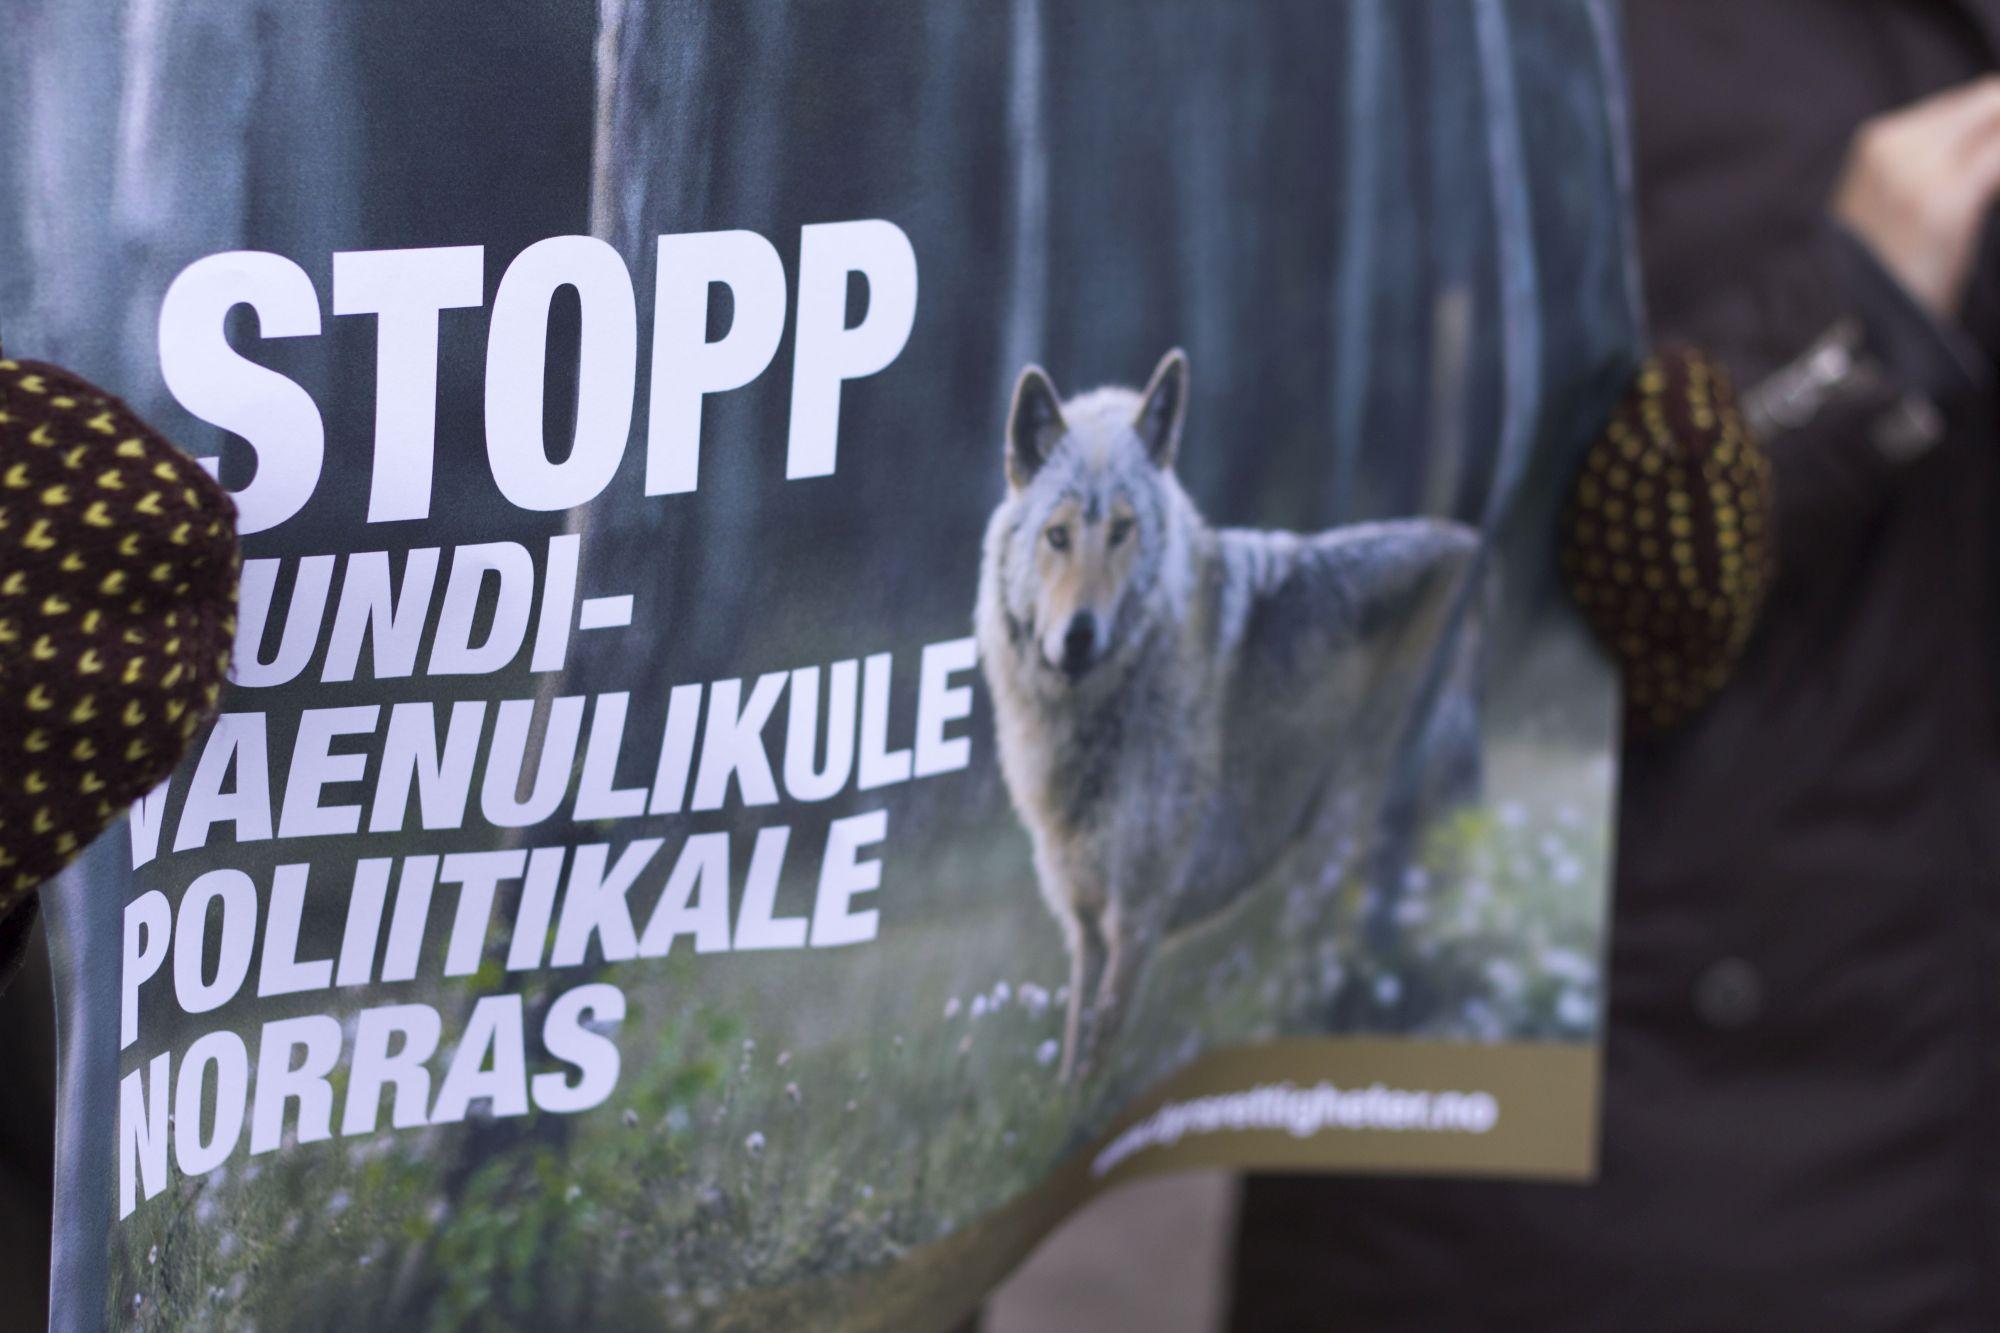 Toetusavaldus Norra huntidele